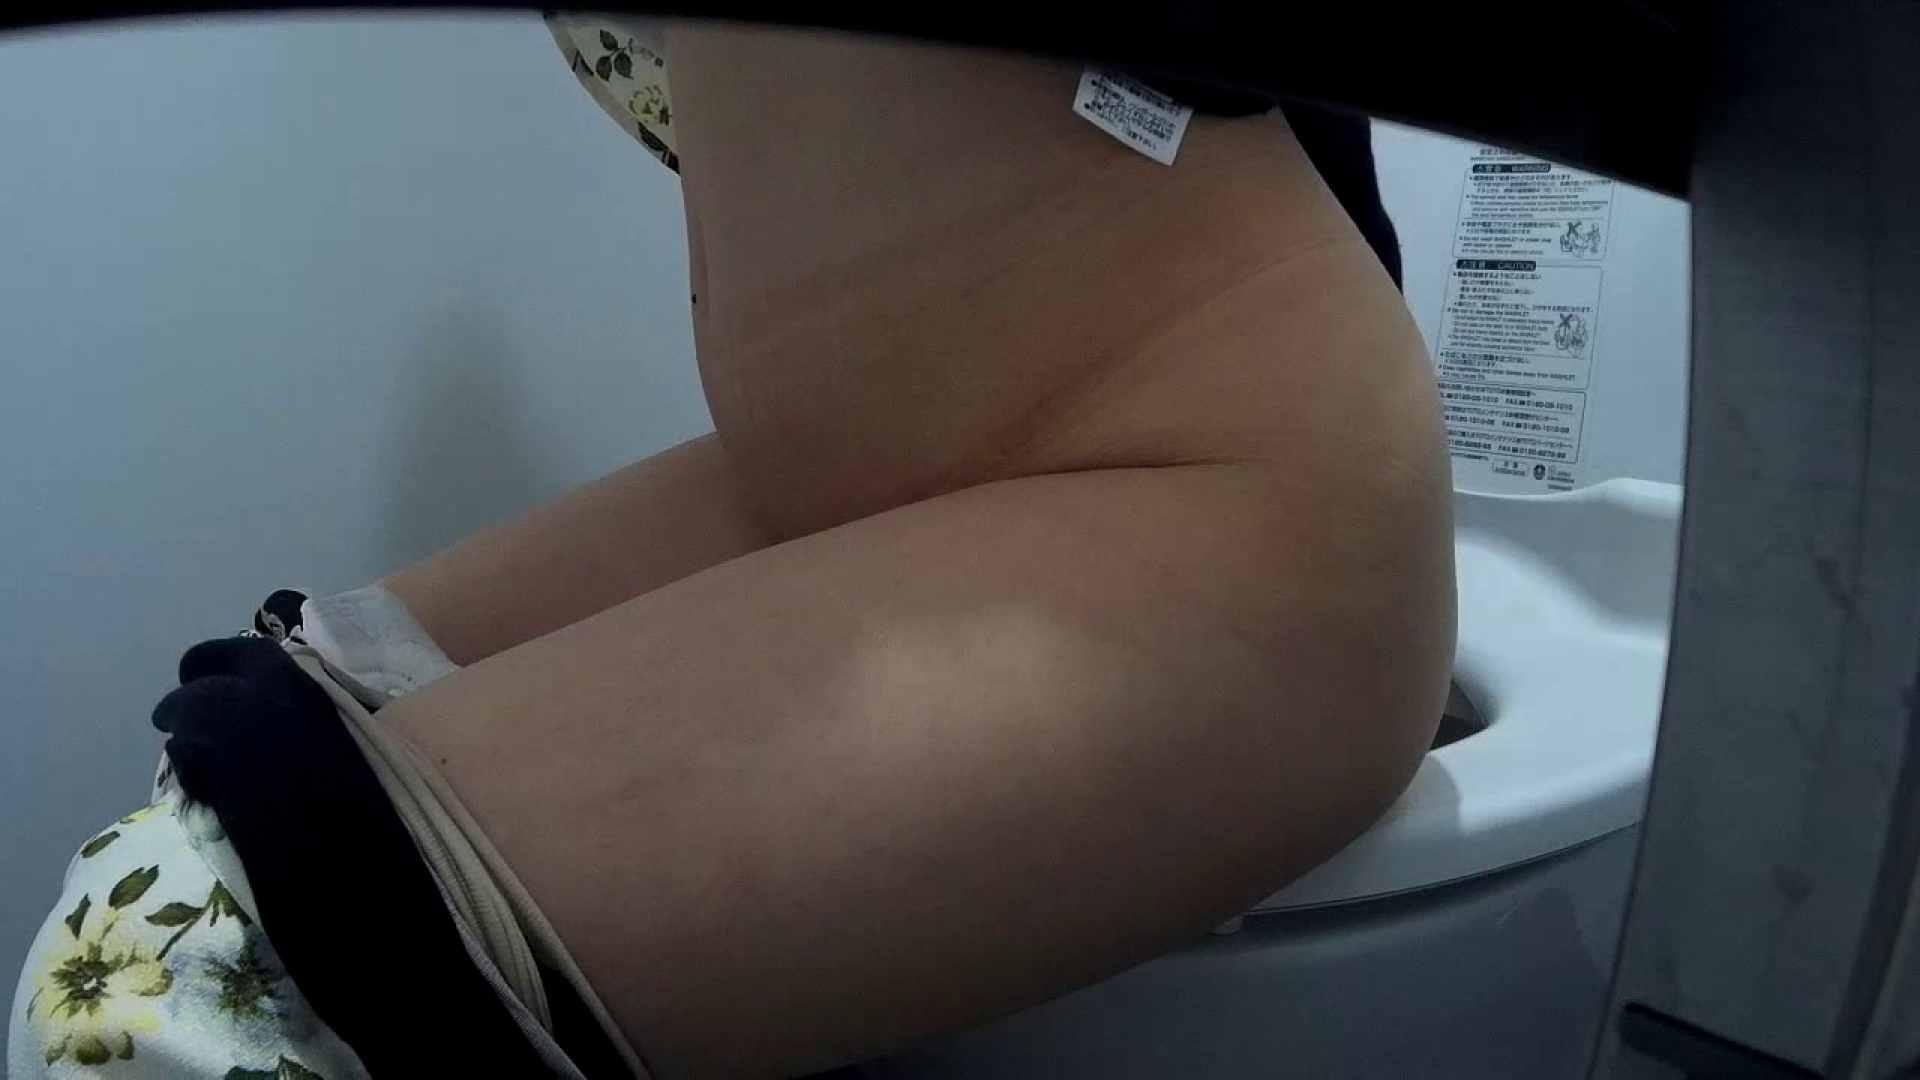 某有名大学女性洗面所 vol.34 今回は、2カメでばっちりいっちゃいました。 排泄 ぱこり動画紹介 84画像 62